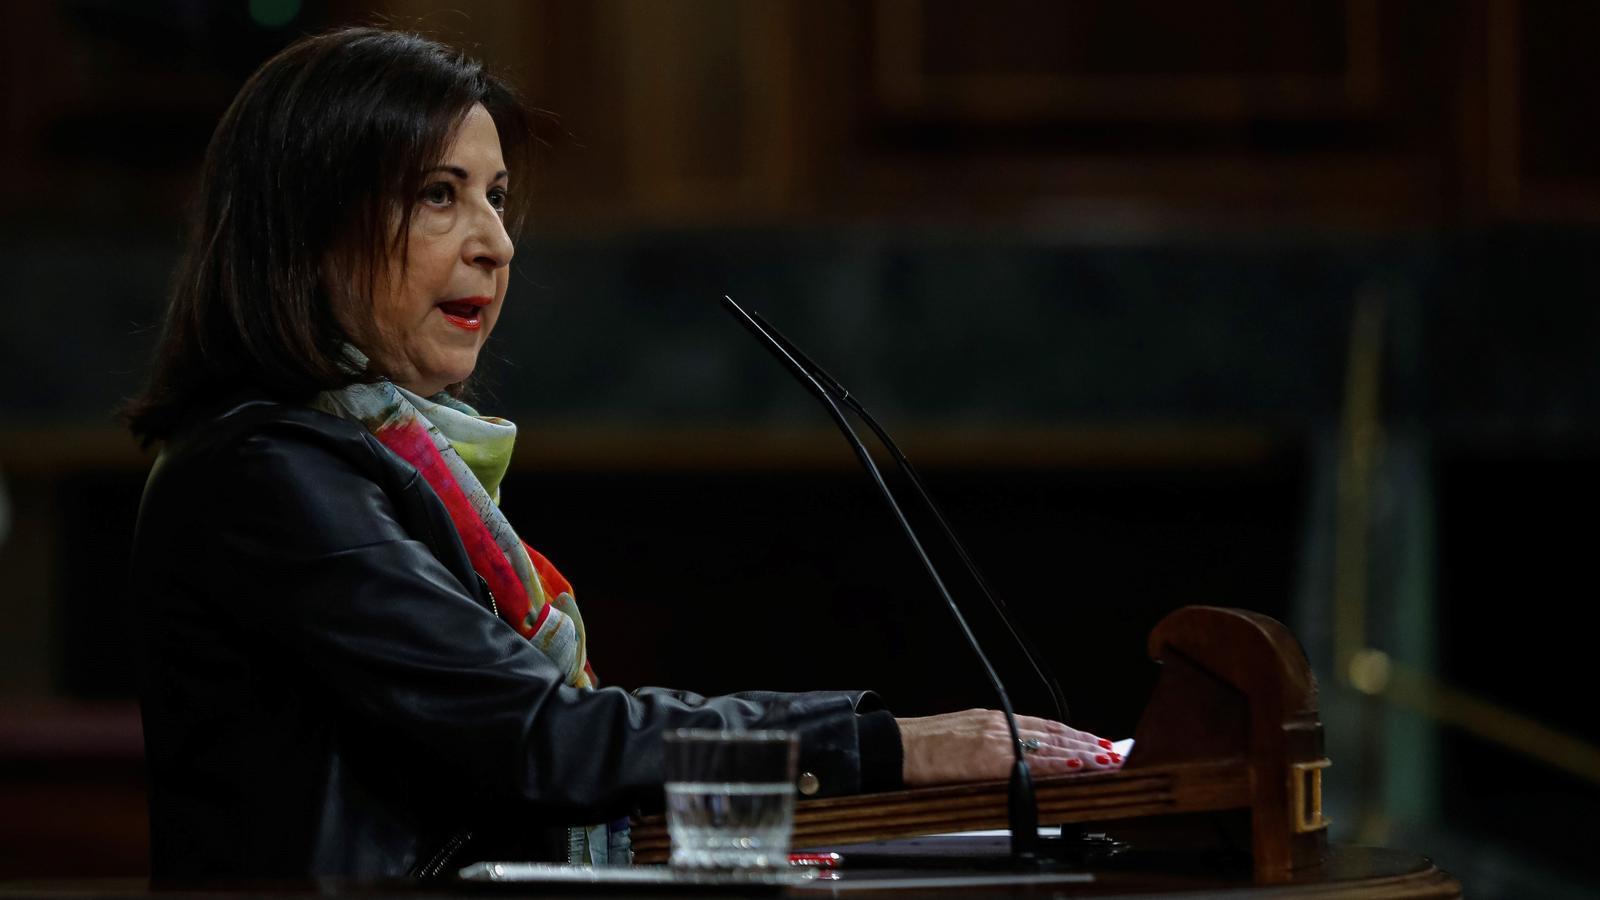 La Moncloa porta a la Fiscalia el xat de militars retirats que parlava d'afusellar 26 milions d'espanyols